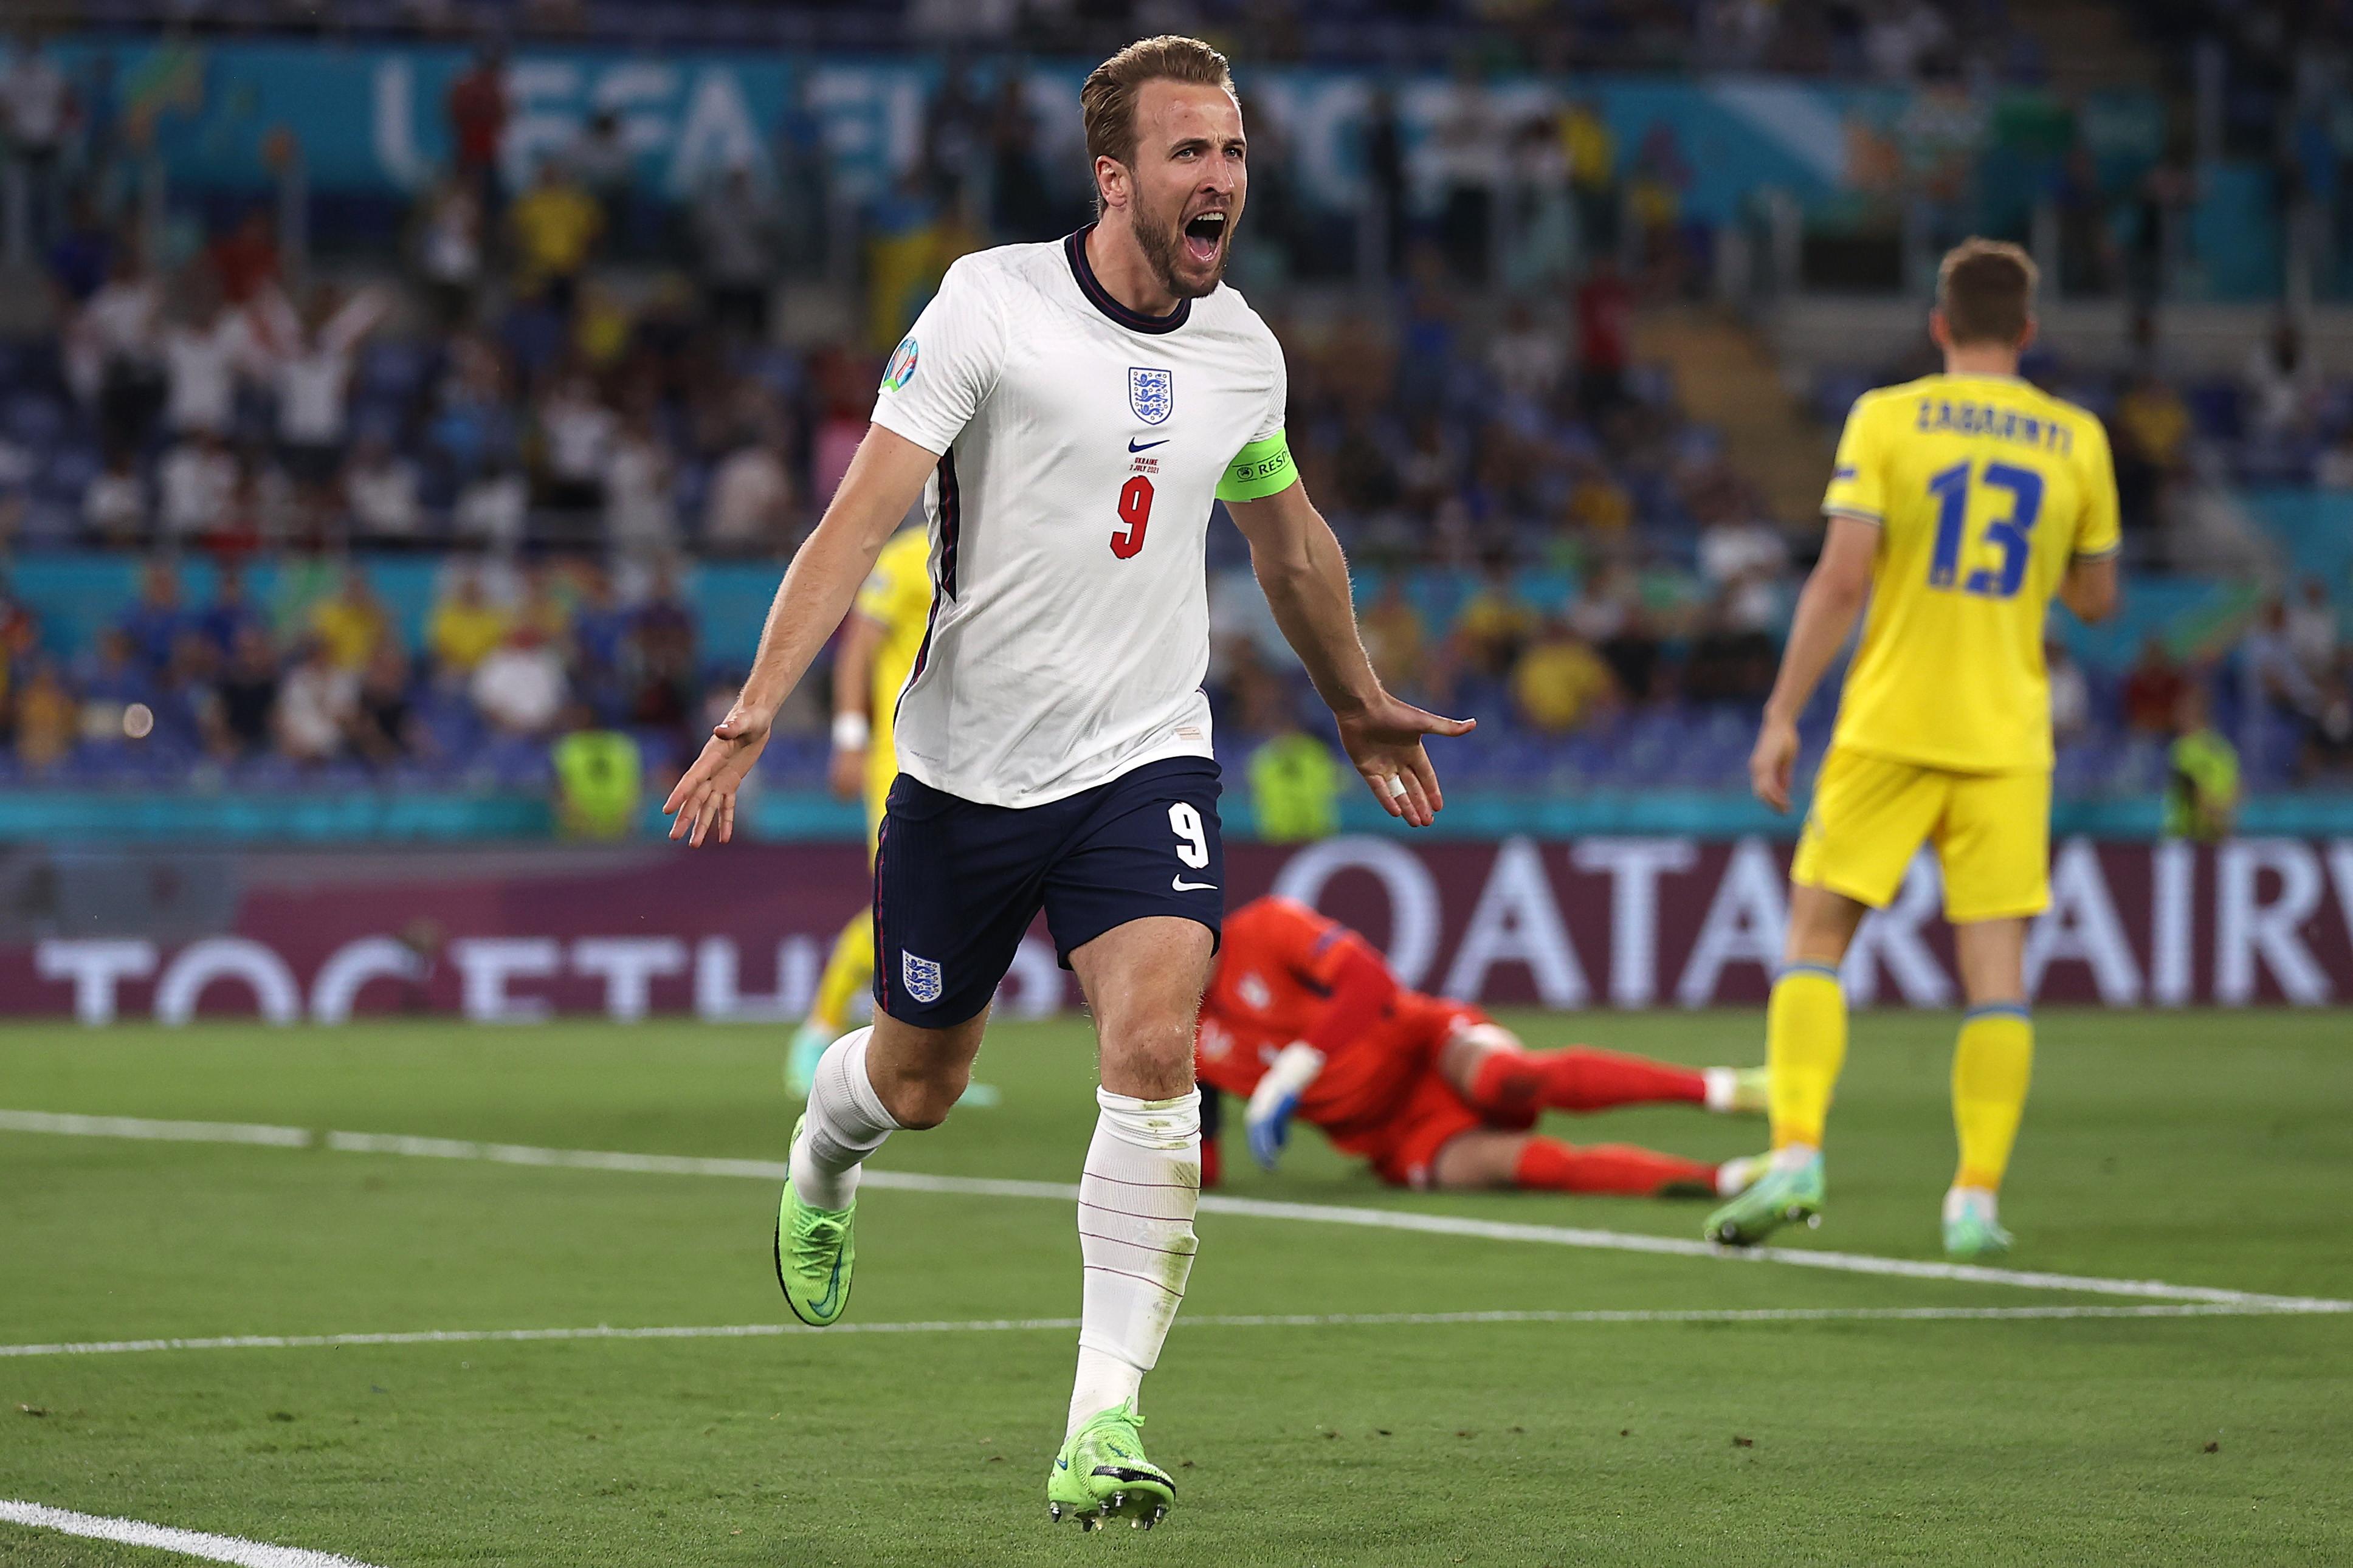 I migliori scatti di Ucraina-Inghilterra 0-4<br /><br />